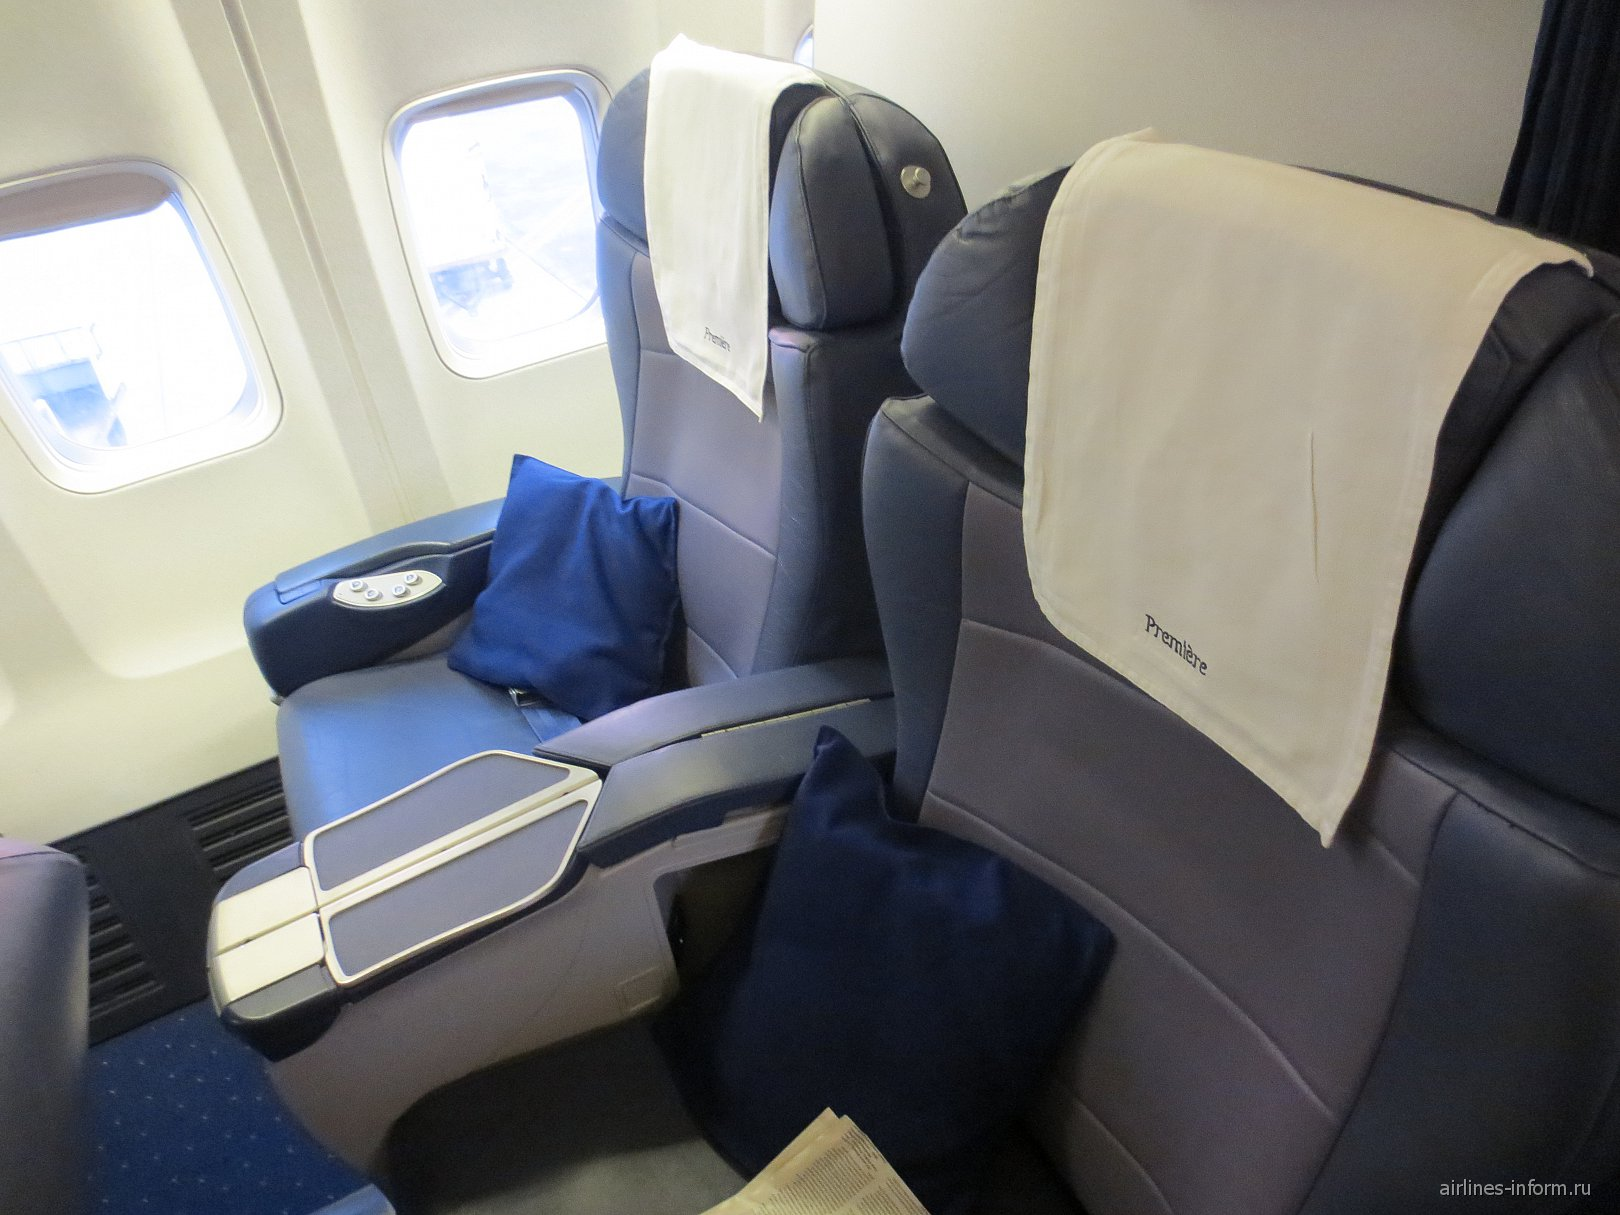 Кресла бизнес-класса в самолете Боинг-737-800 авиакомпании Jet Airways